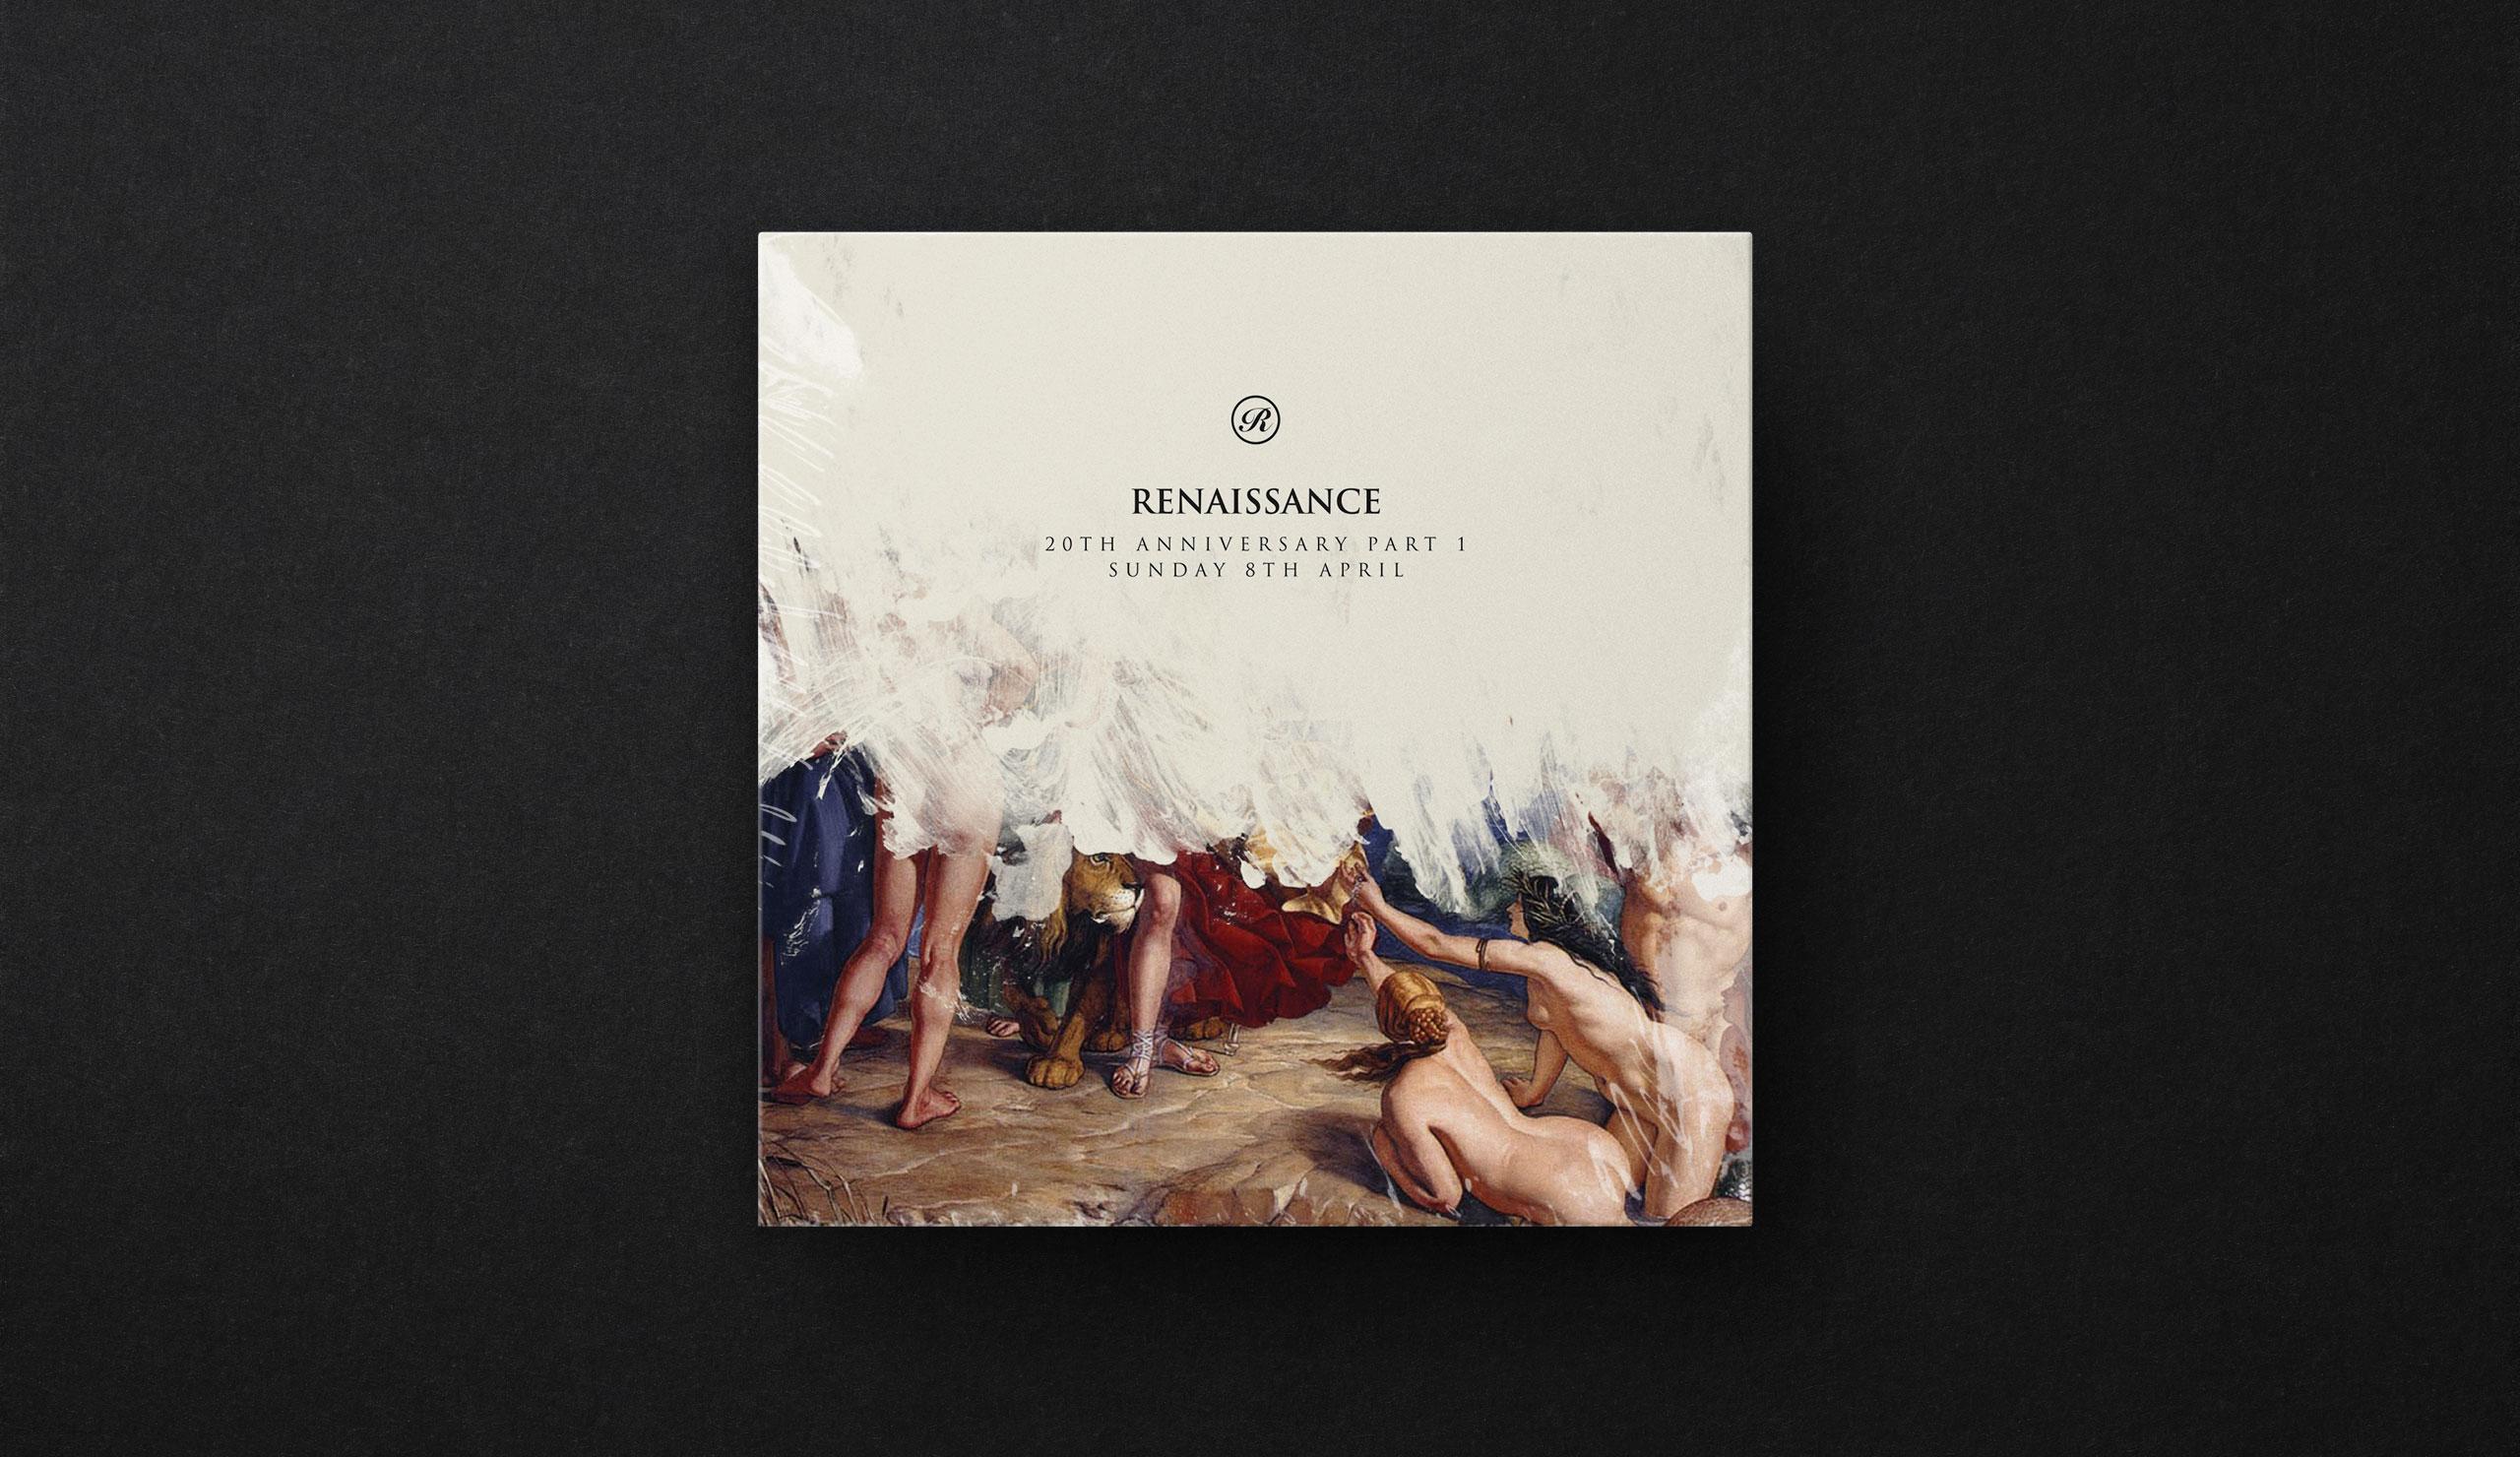 Renaissance_vinyl_2560x1480